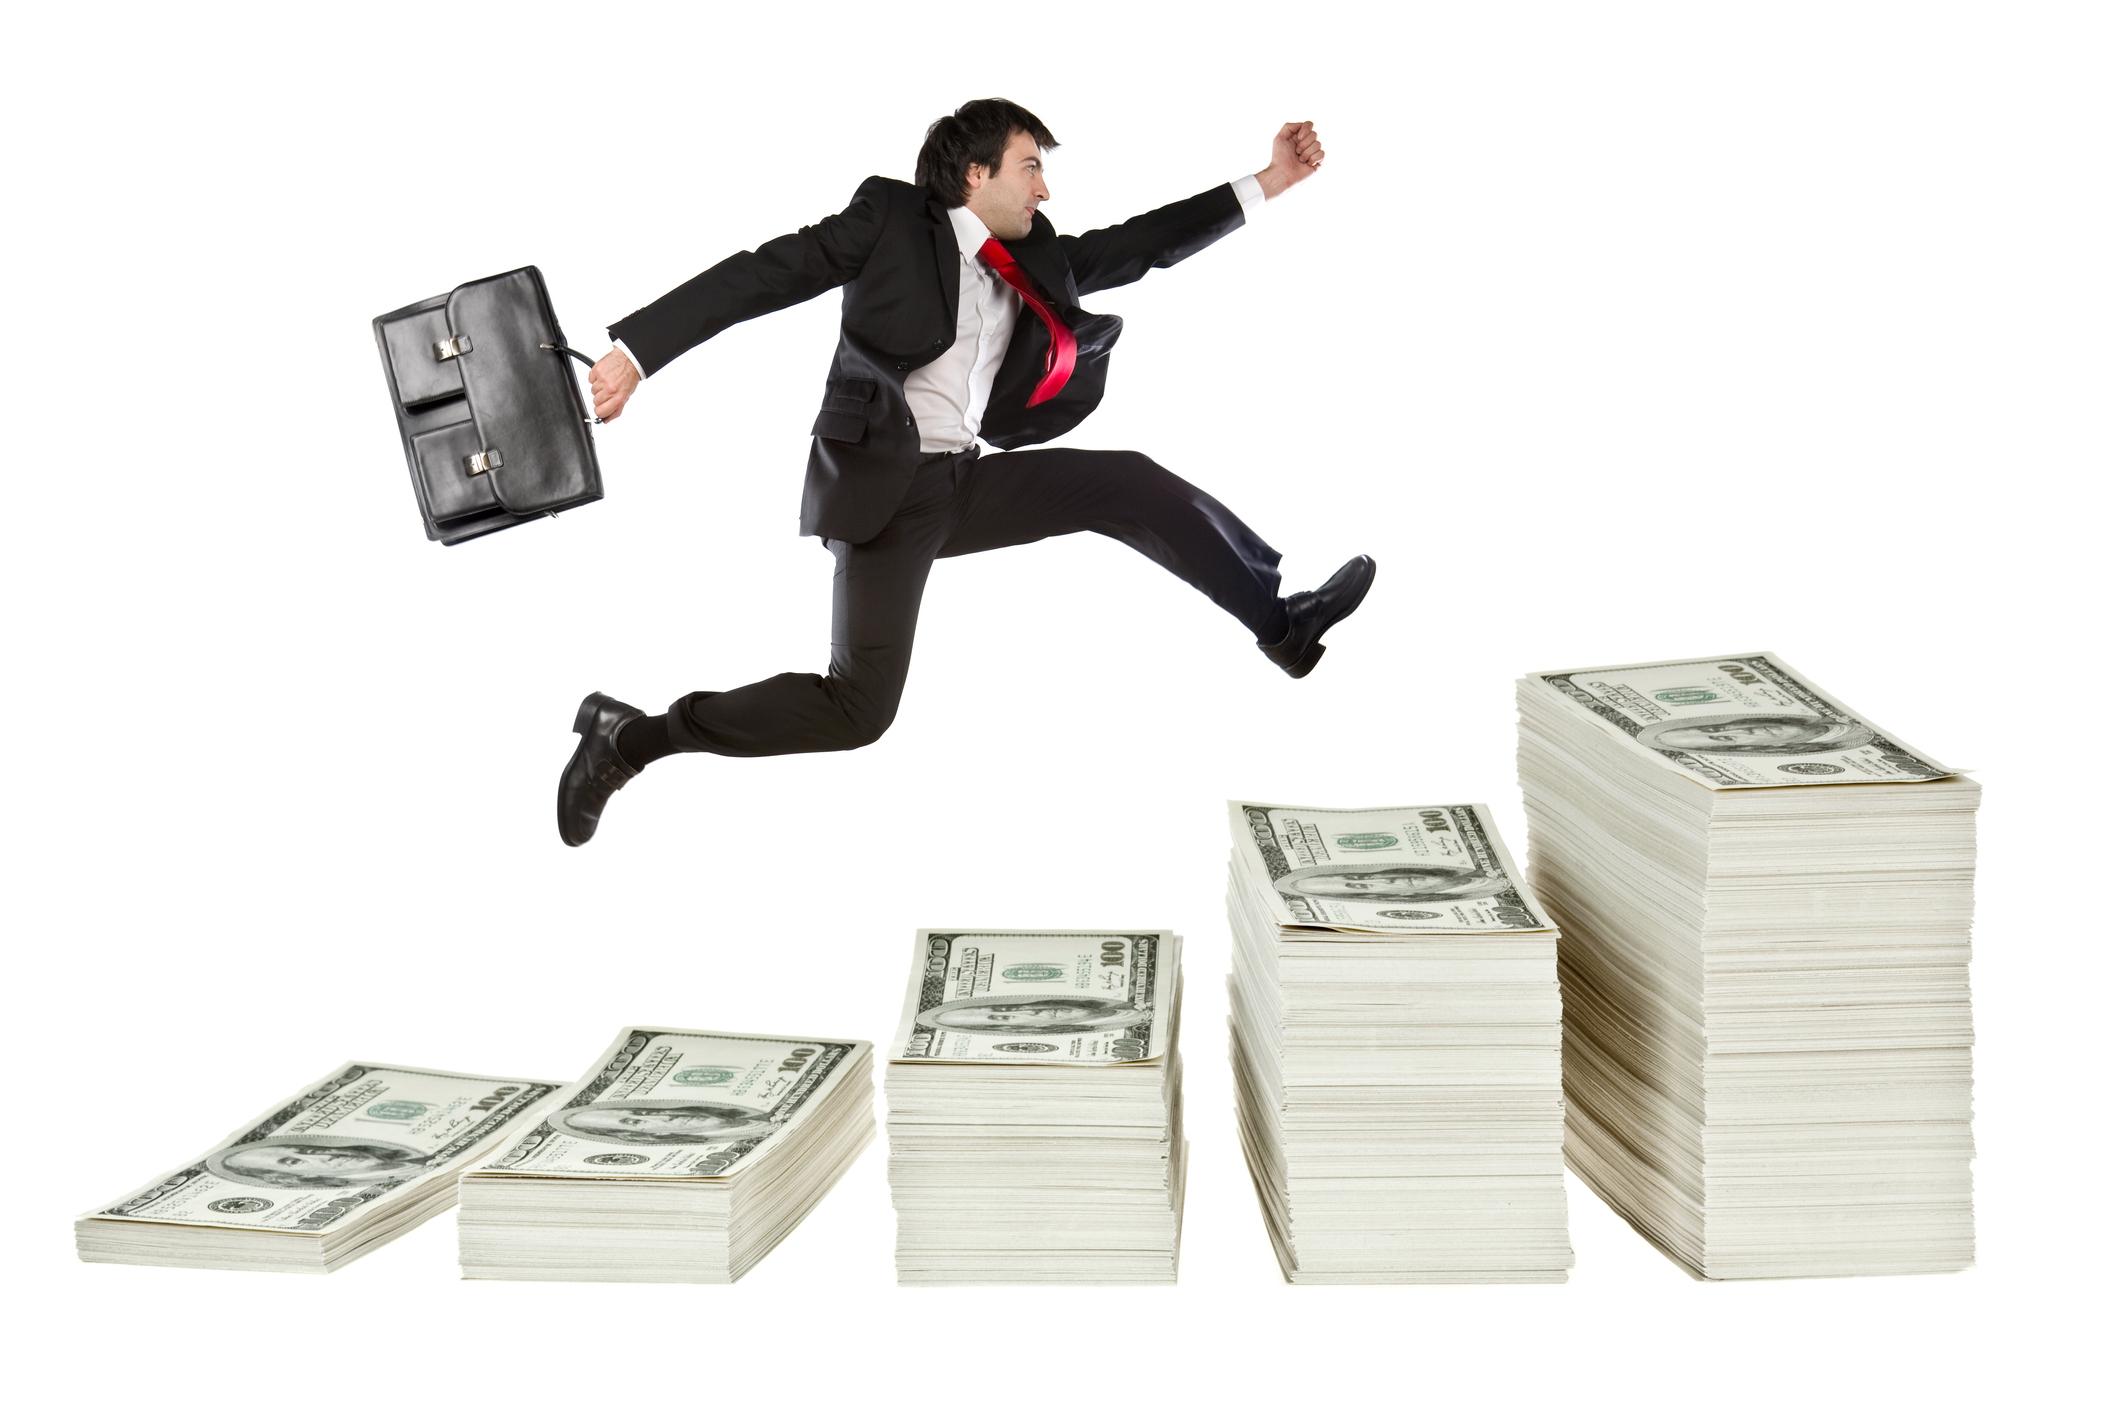 Leaping over money 173837908.jpg